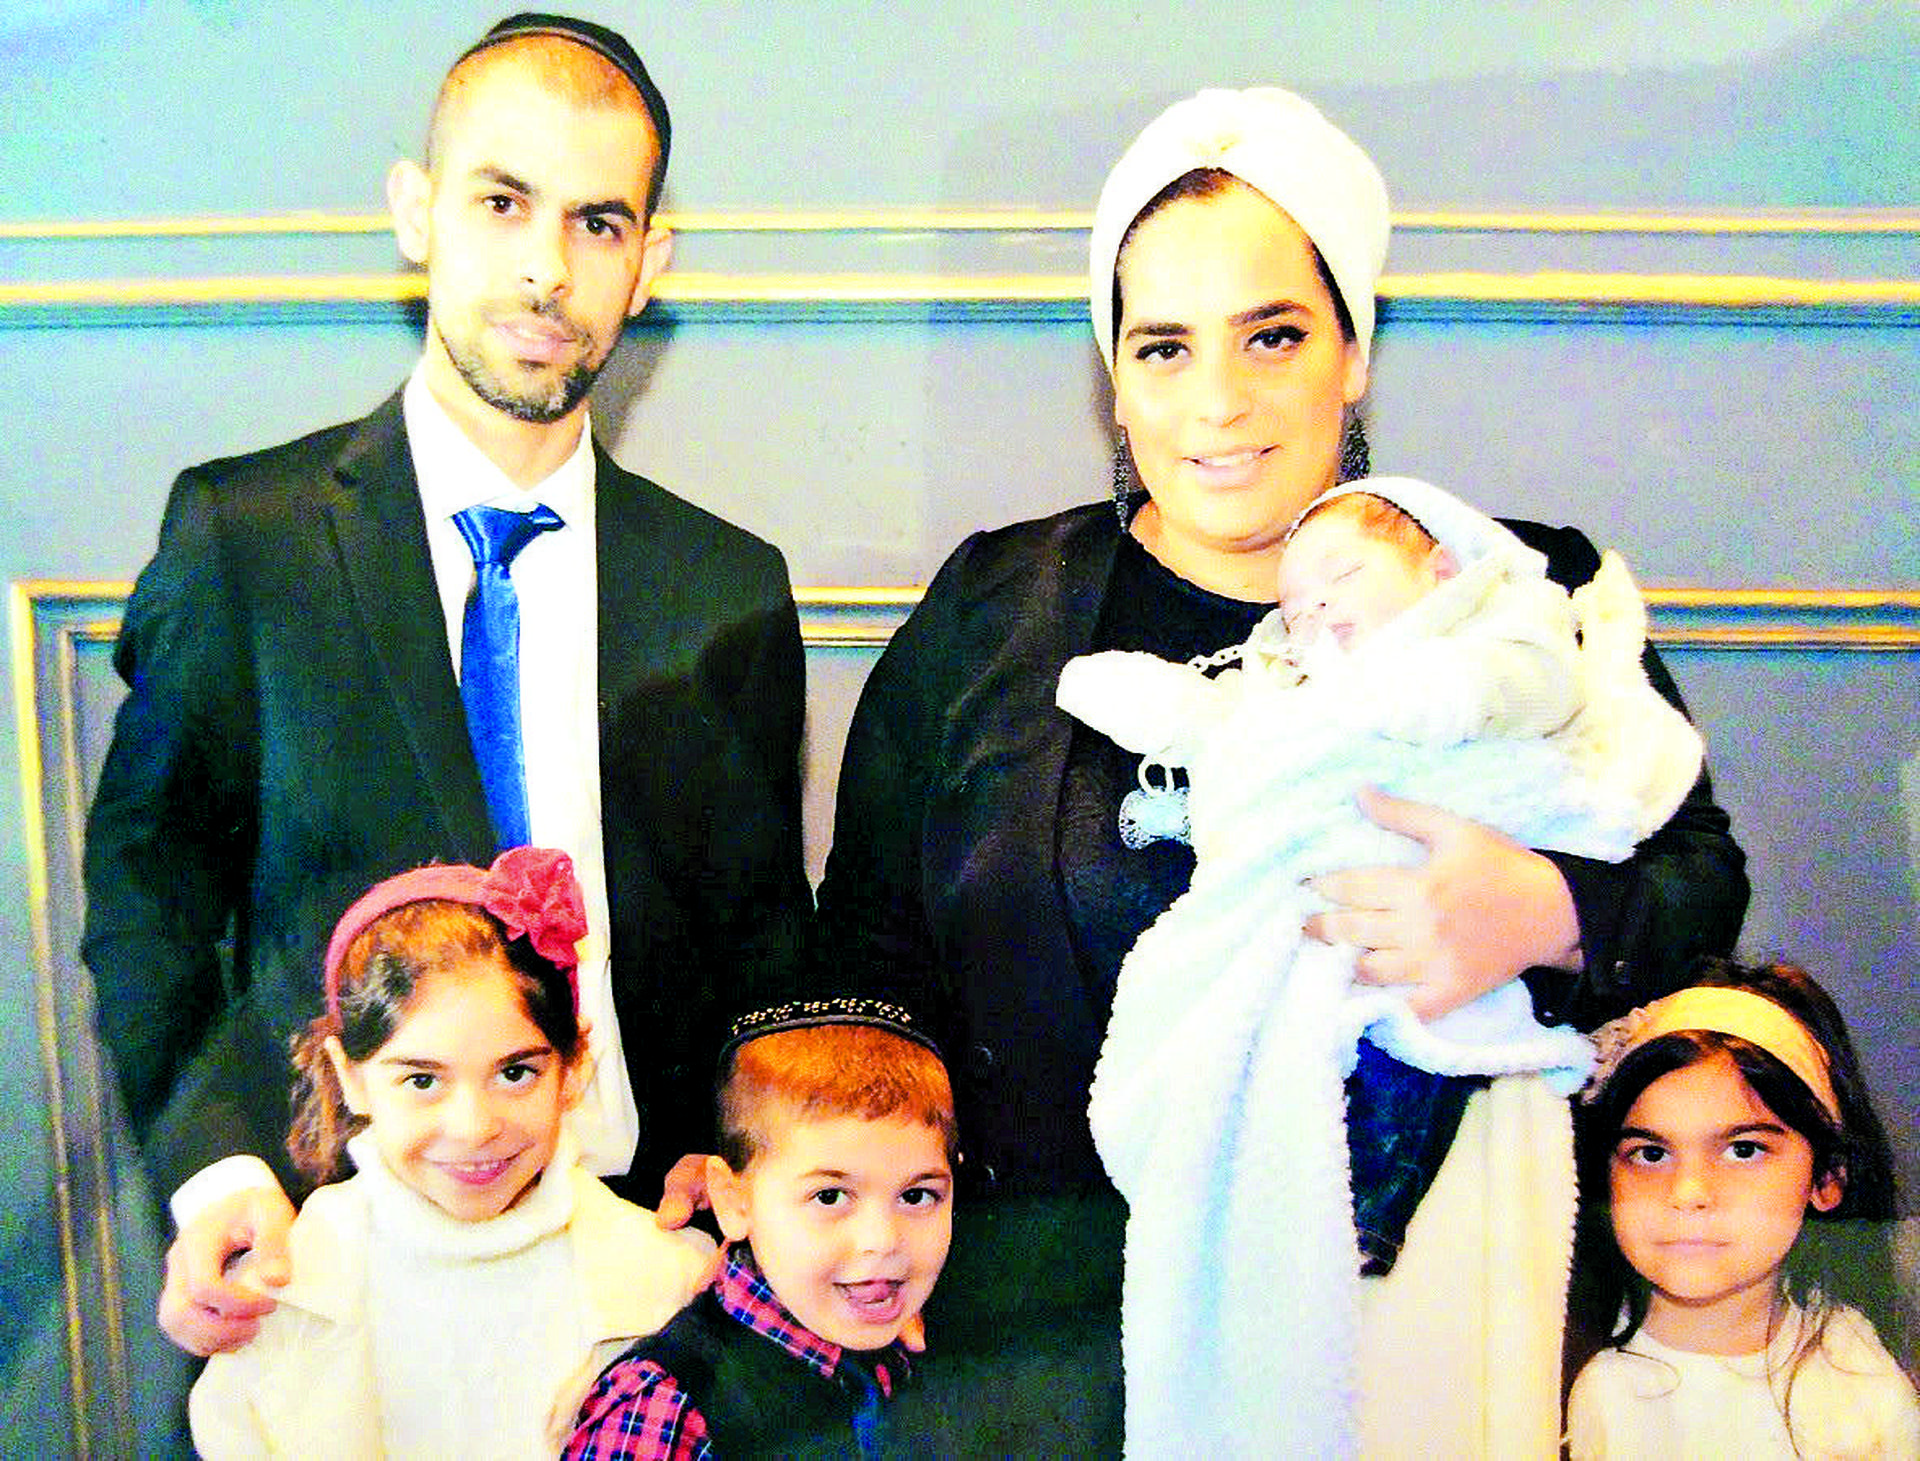 עם בעלה שגיא וארבעת ילדיהם | צילום: מהאלבום המשפחתי